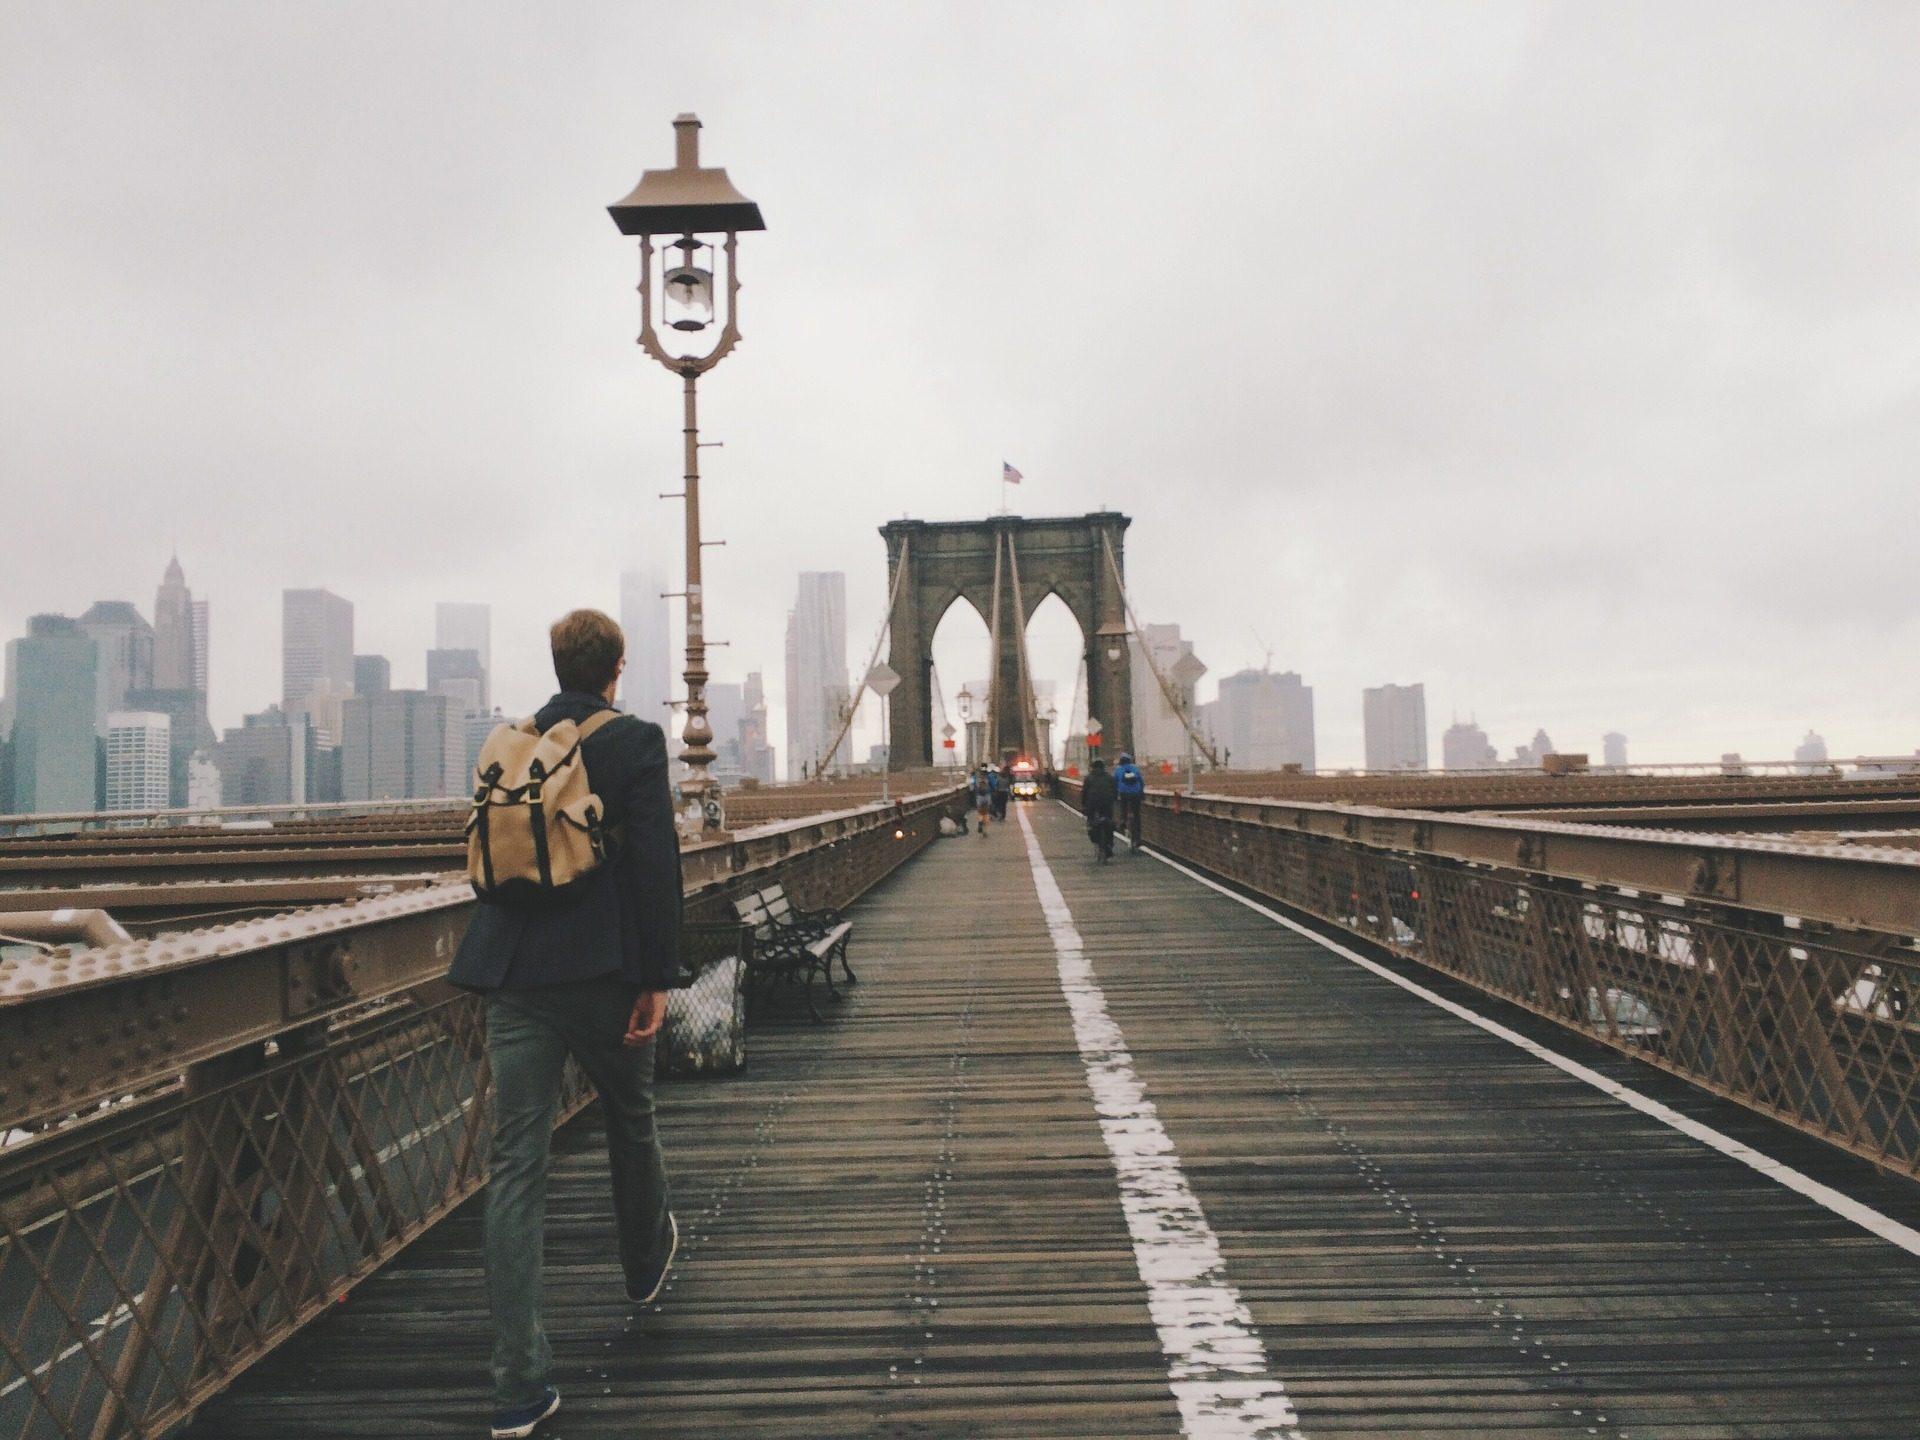 человек, Рюкзак, мост, Город, Бруклин, Нью-Йорк - Обои HD - Профессор falken.com